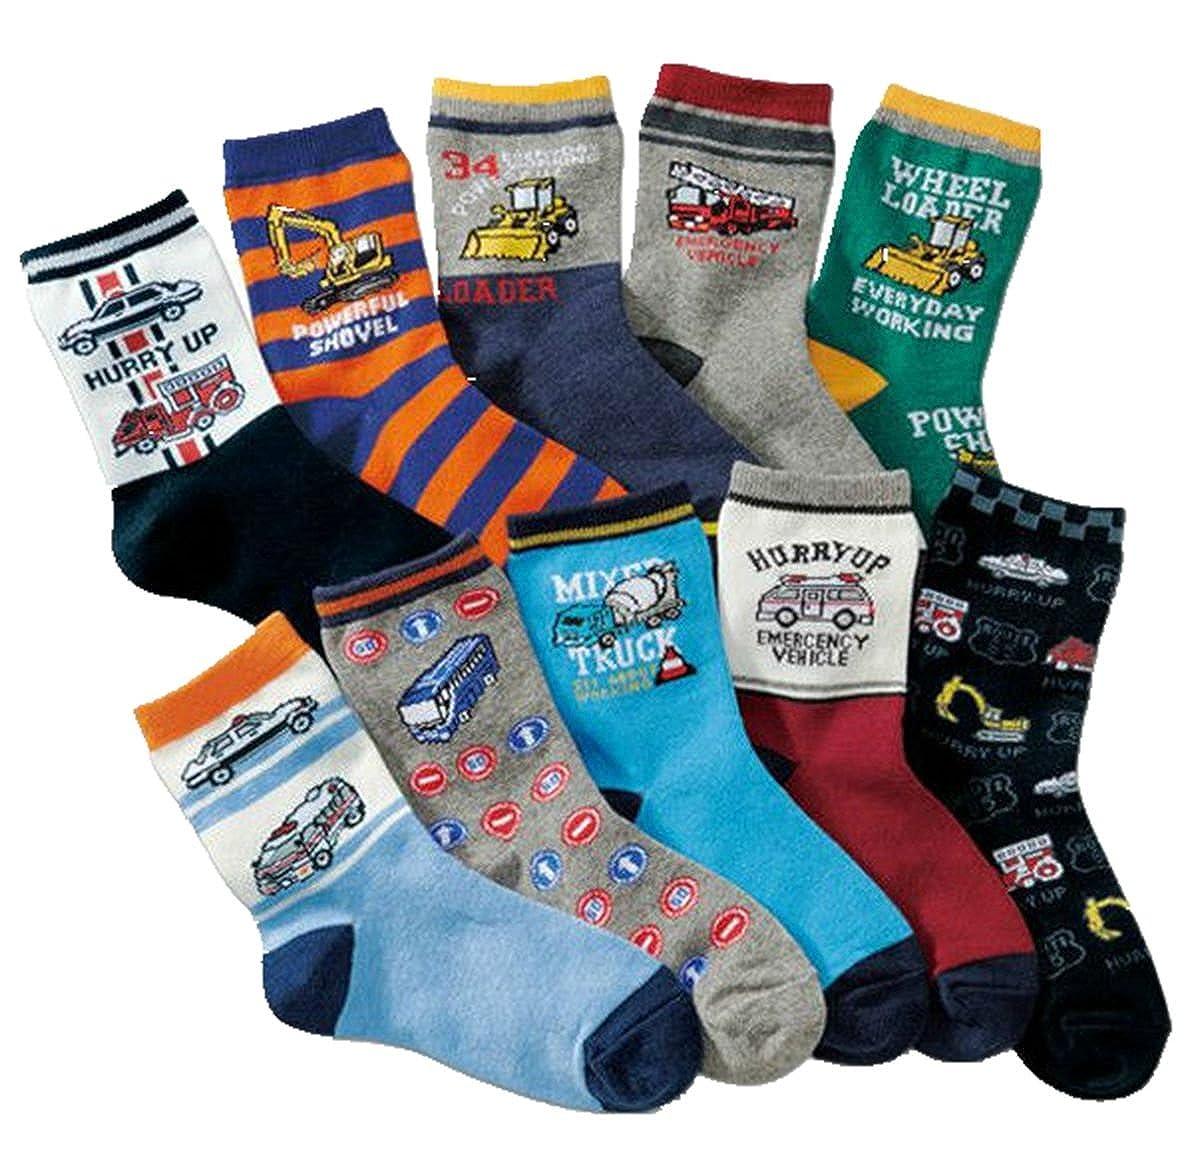 Boys Short Socks Fashion Cartoon Vehicle Cotton Basic Crew Kids Socks 10 Pair Pack